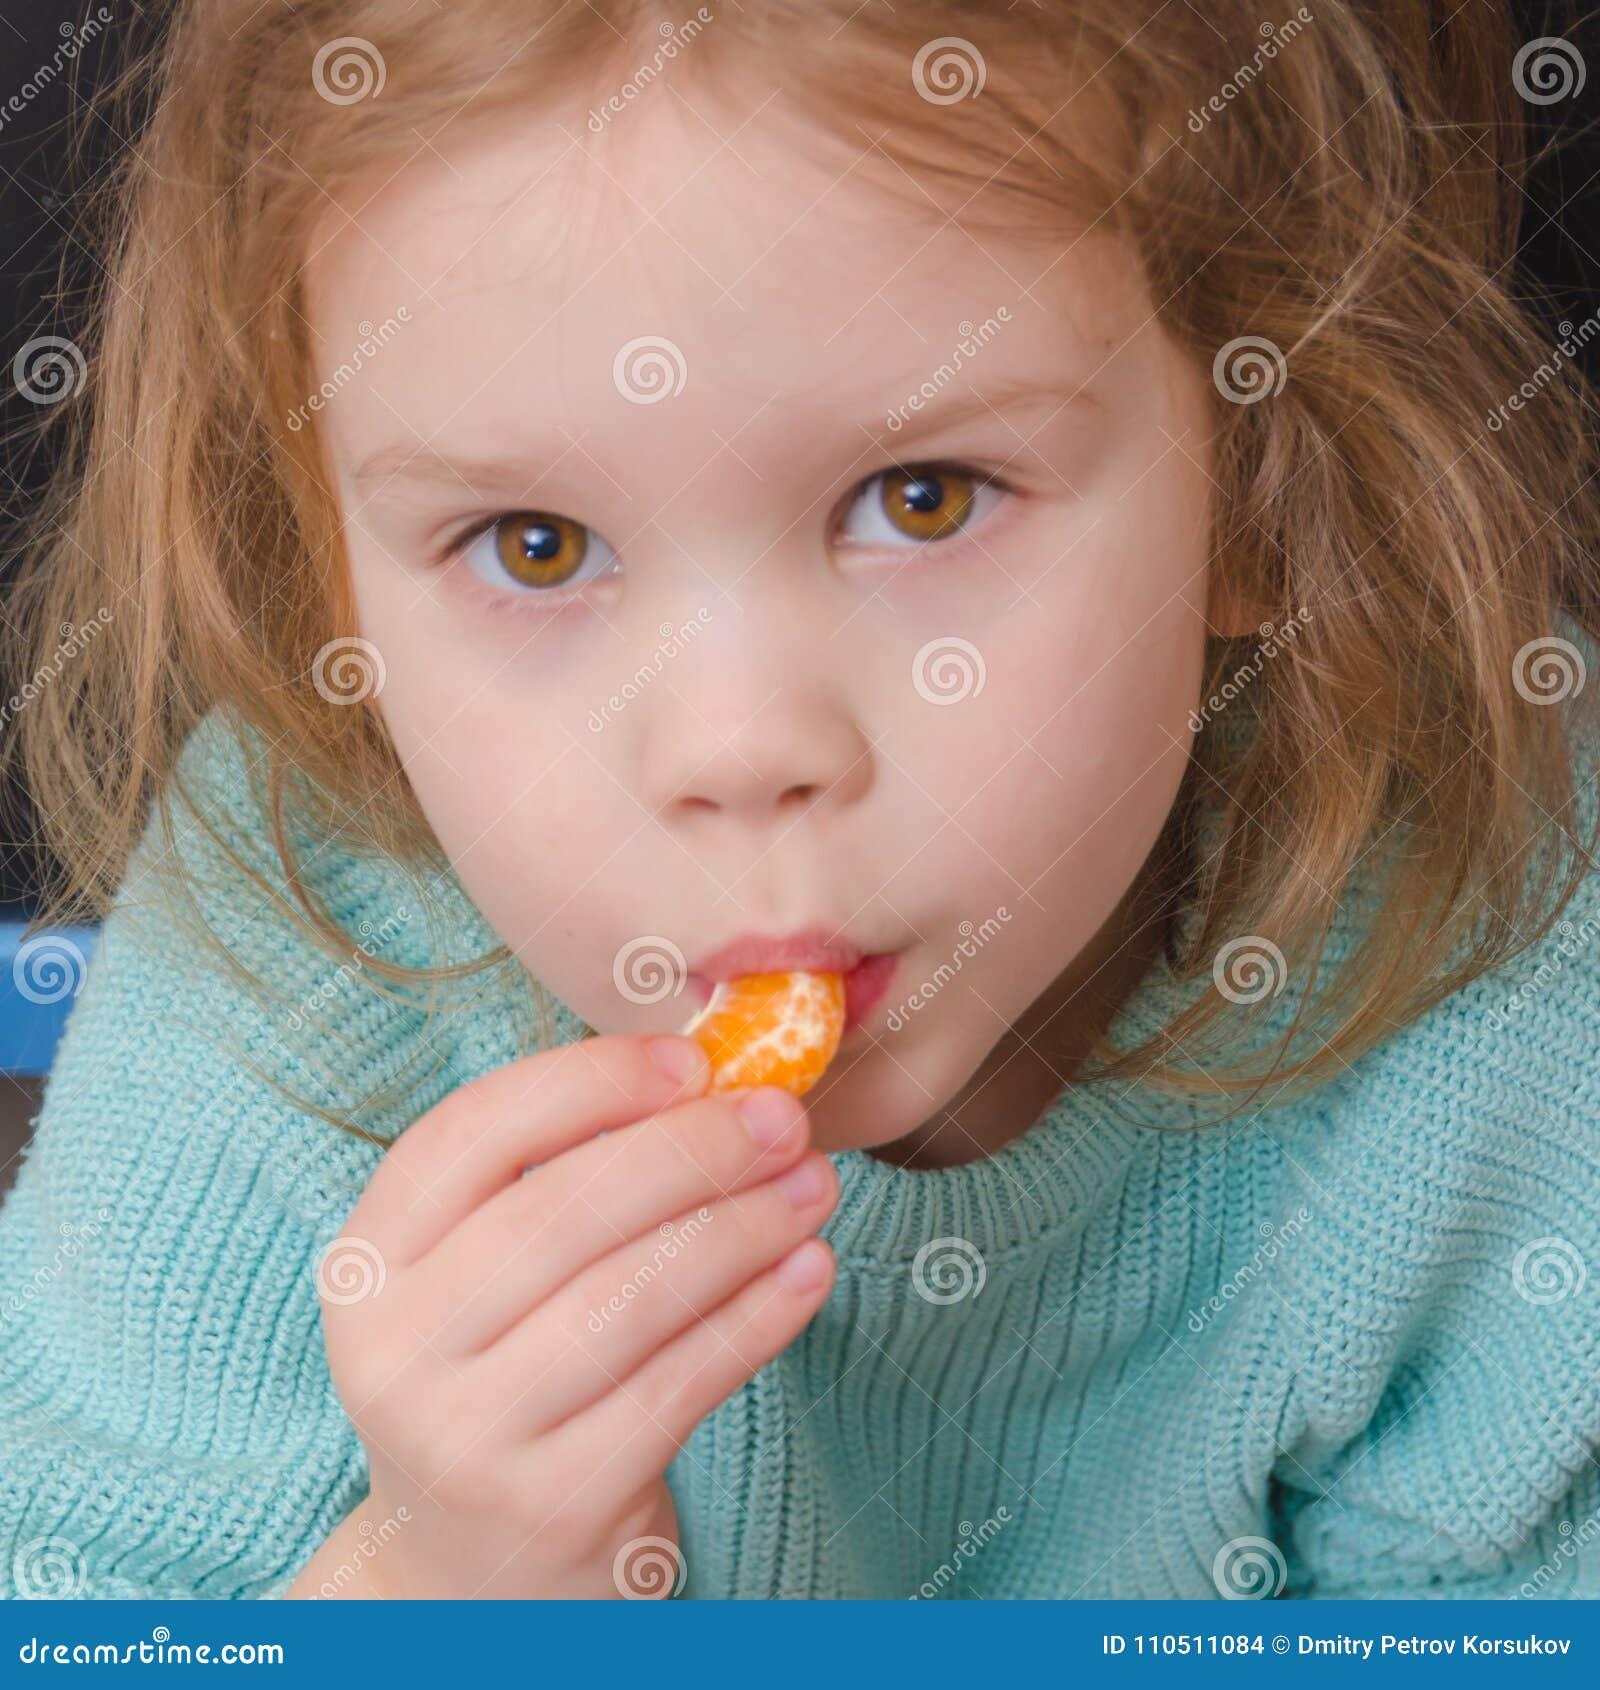 Babyvegetarier mit Mandarinenscheibe